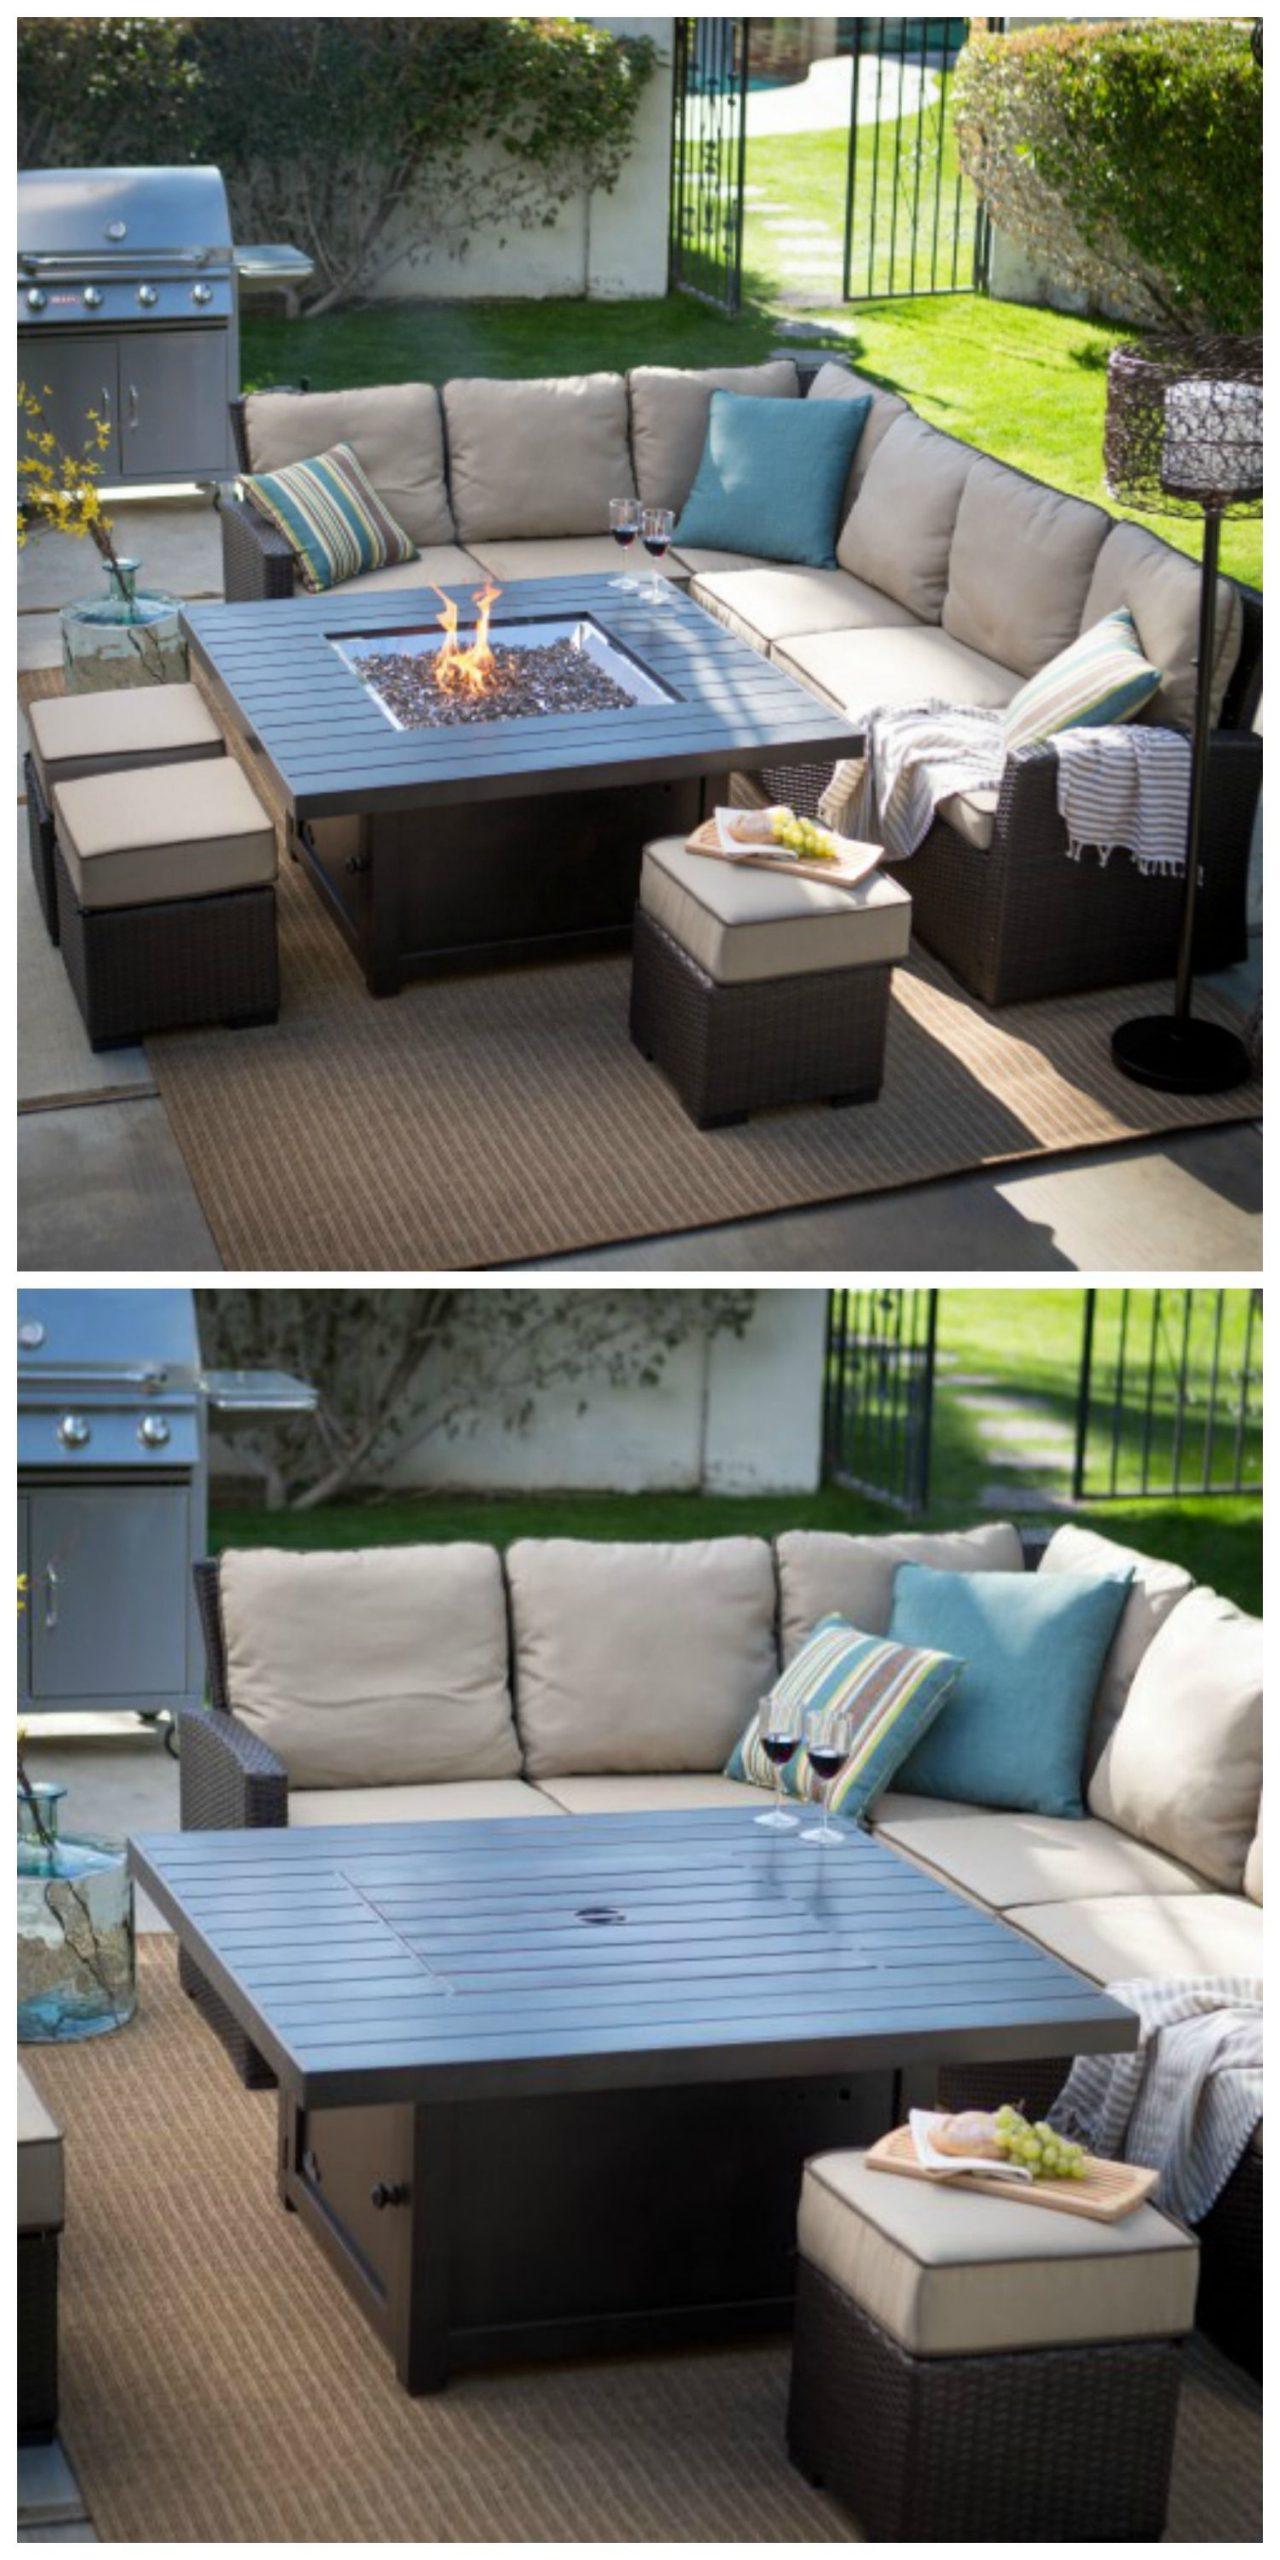 Could Go Well On The Loft Deck. The Table Is Pretty Cool ... pour Salon De Jardin En Pierre